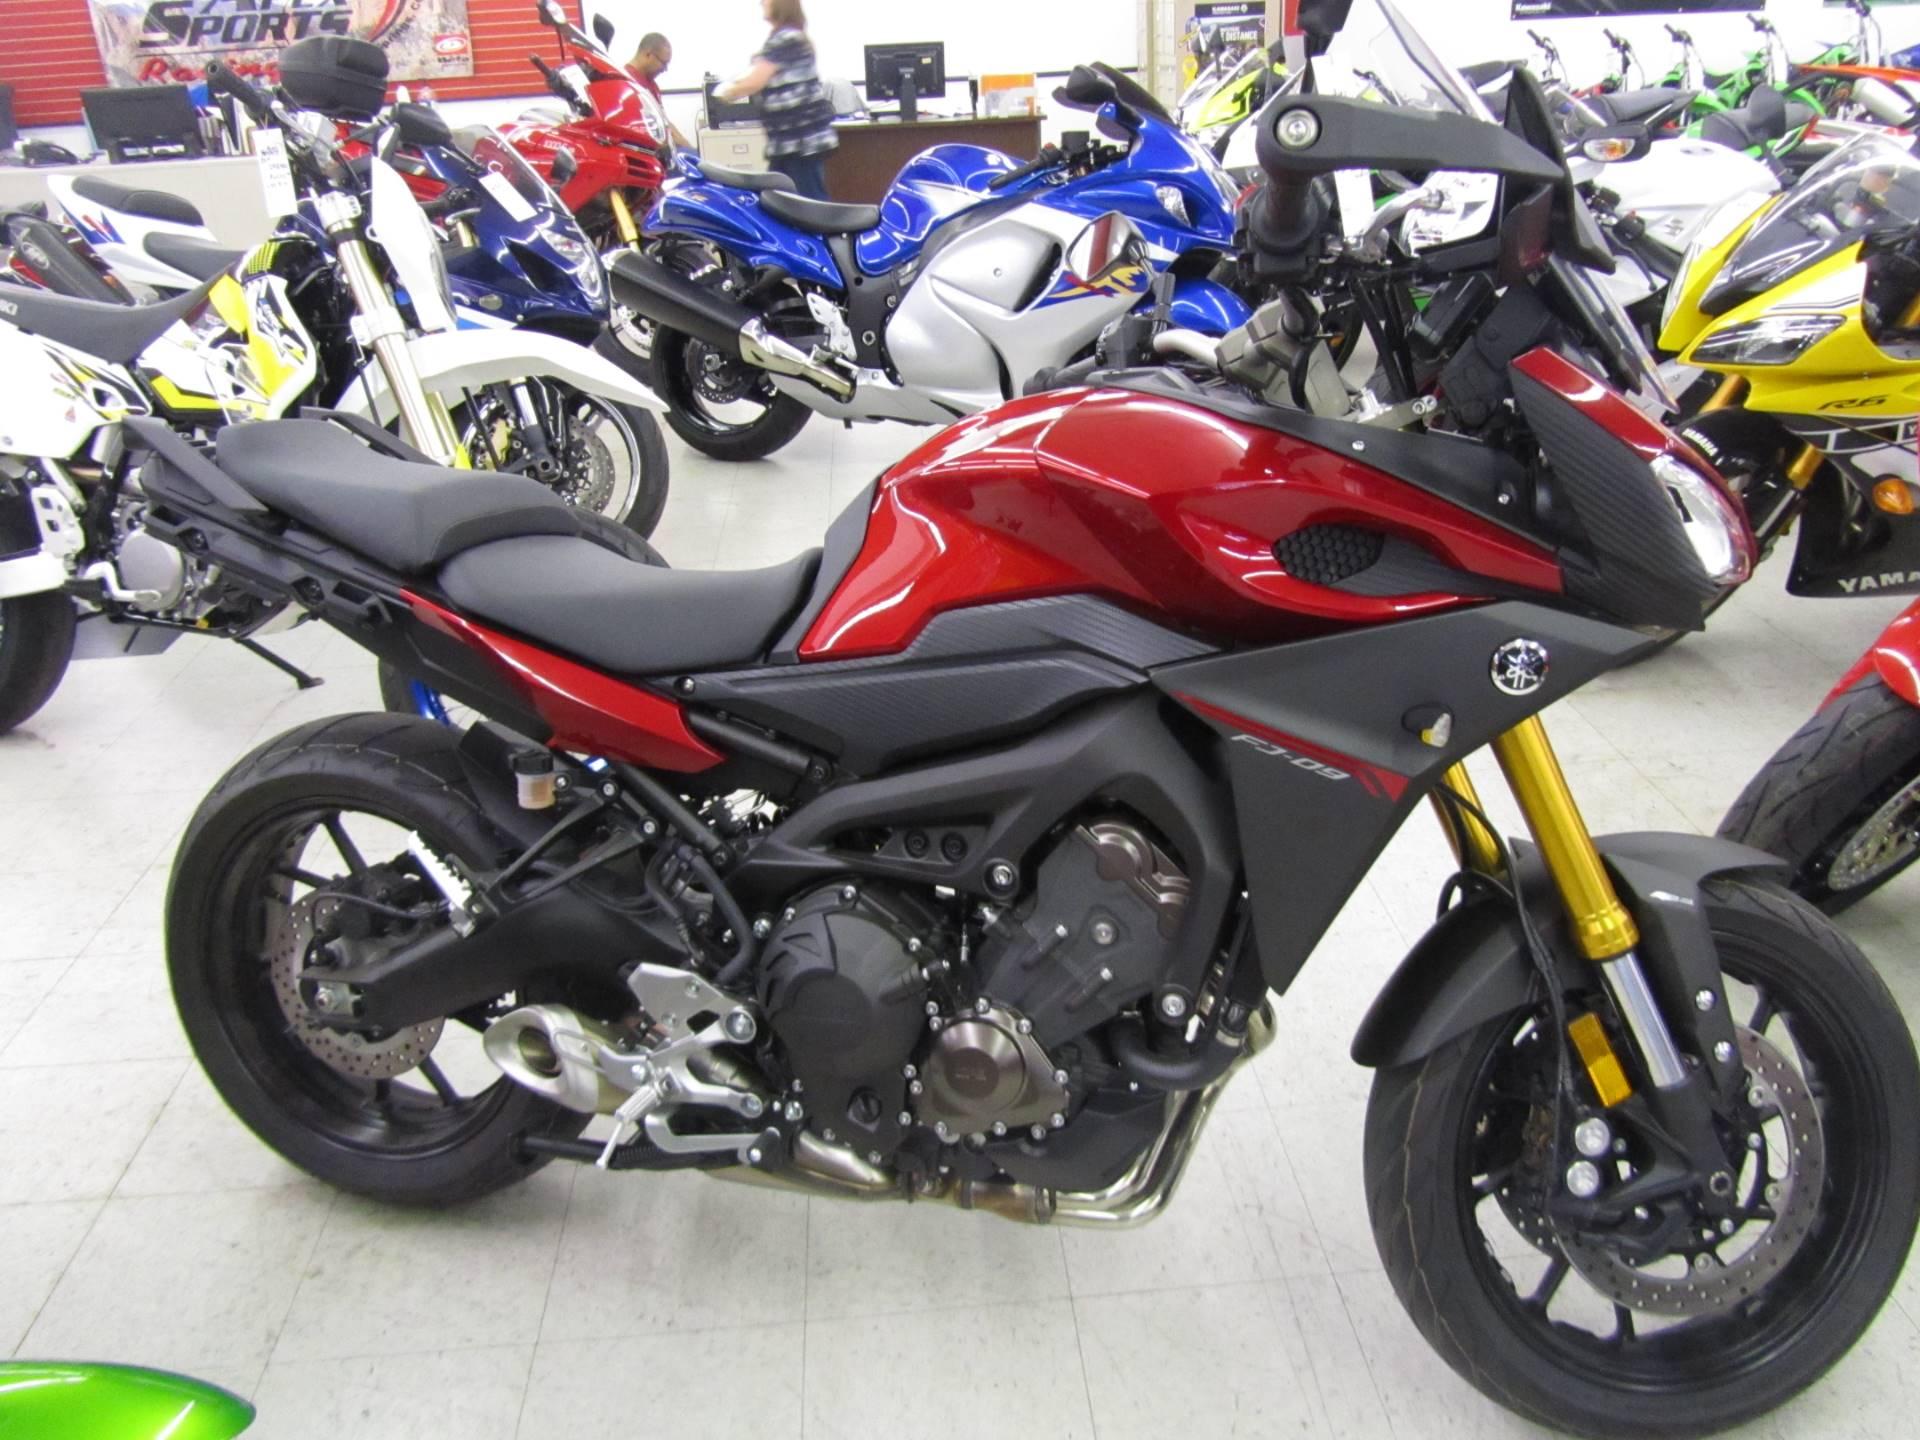 2015 Yamaha FJ-09 5